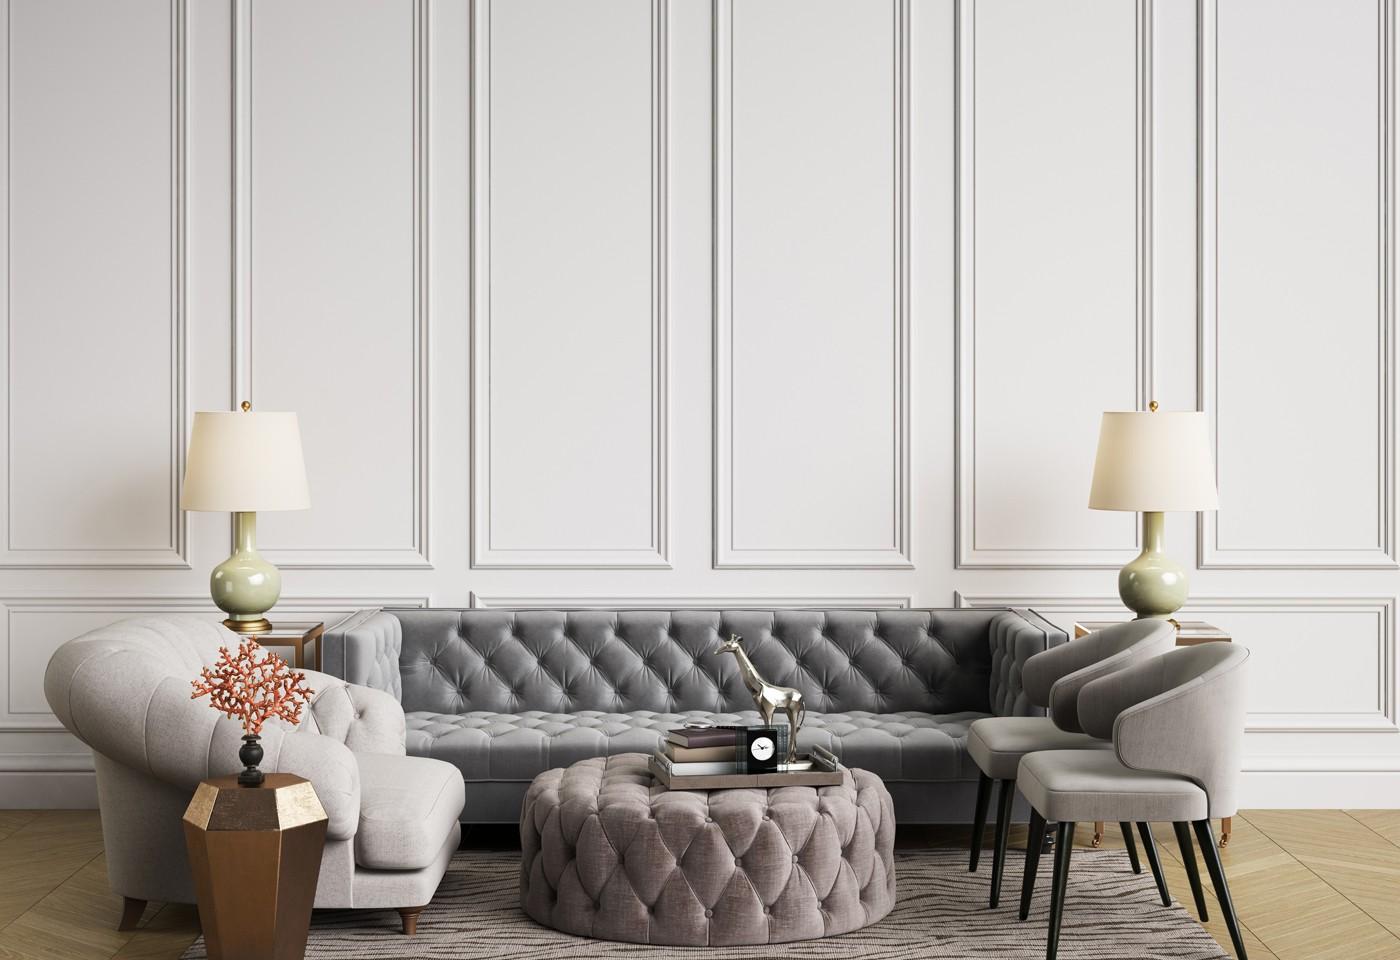 Arredamento classico moderno spazi sofisticati ed eleganti for Home arredamento